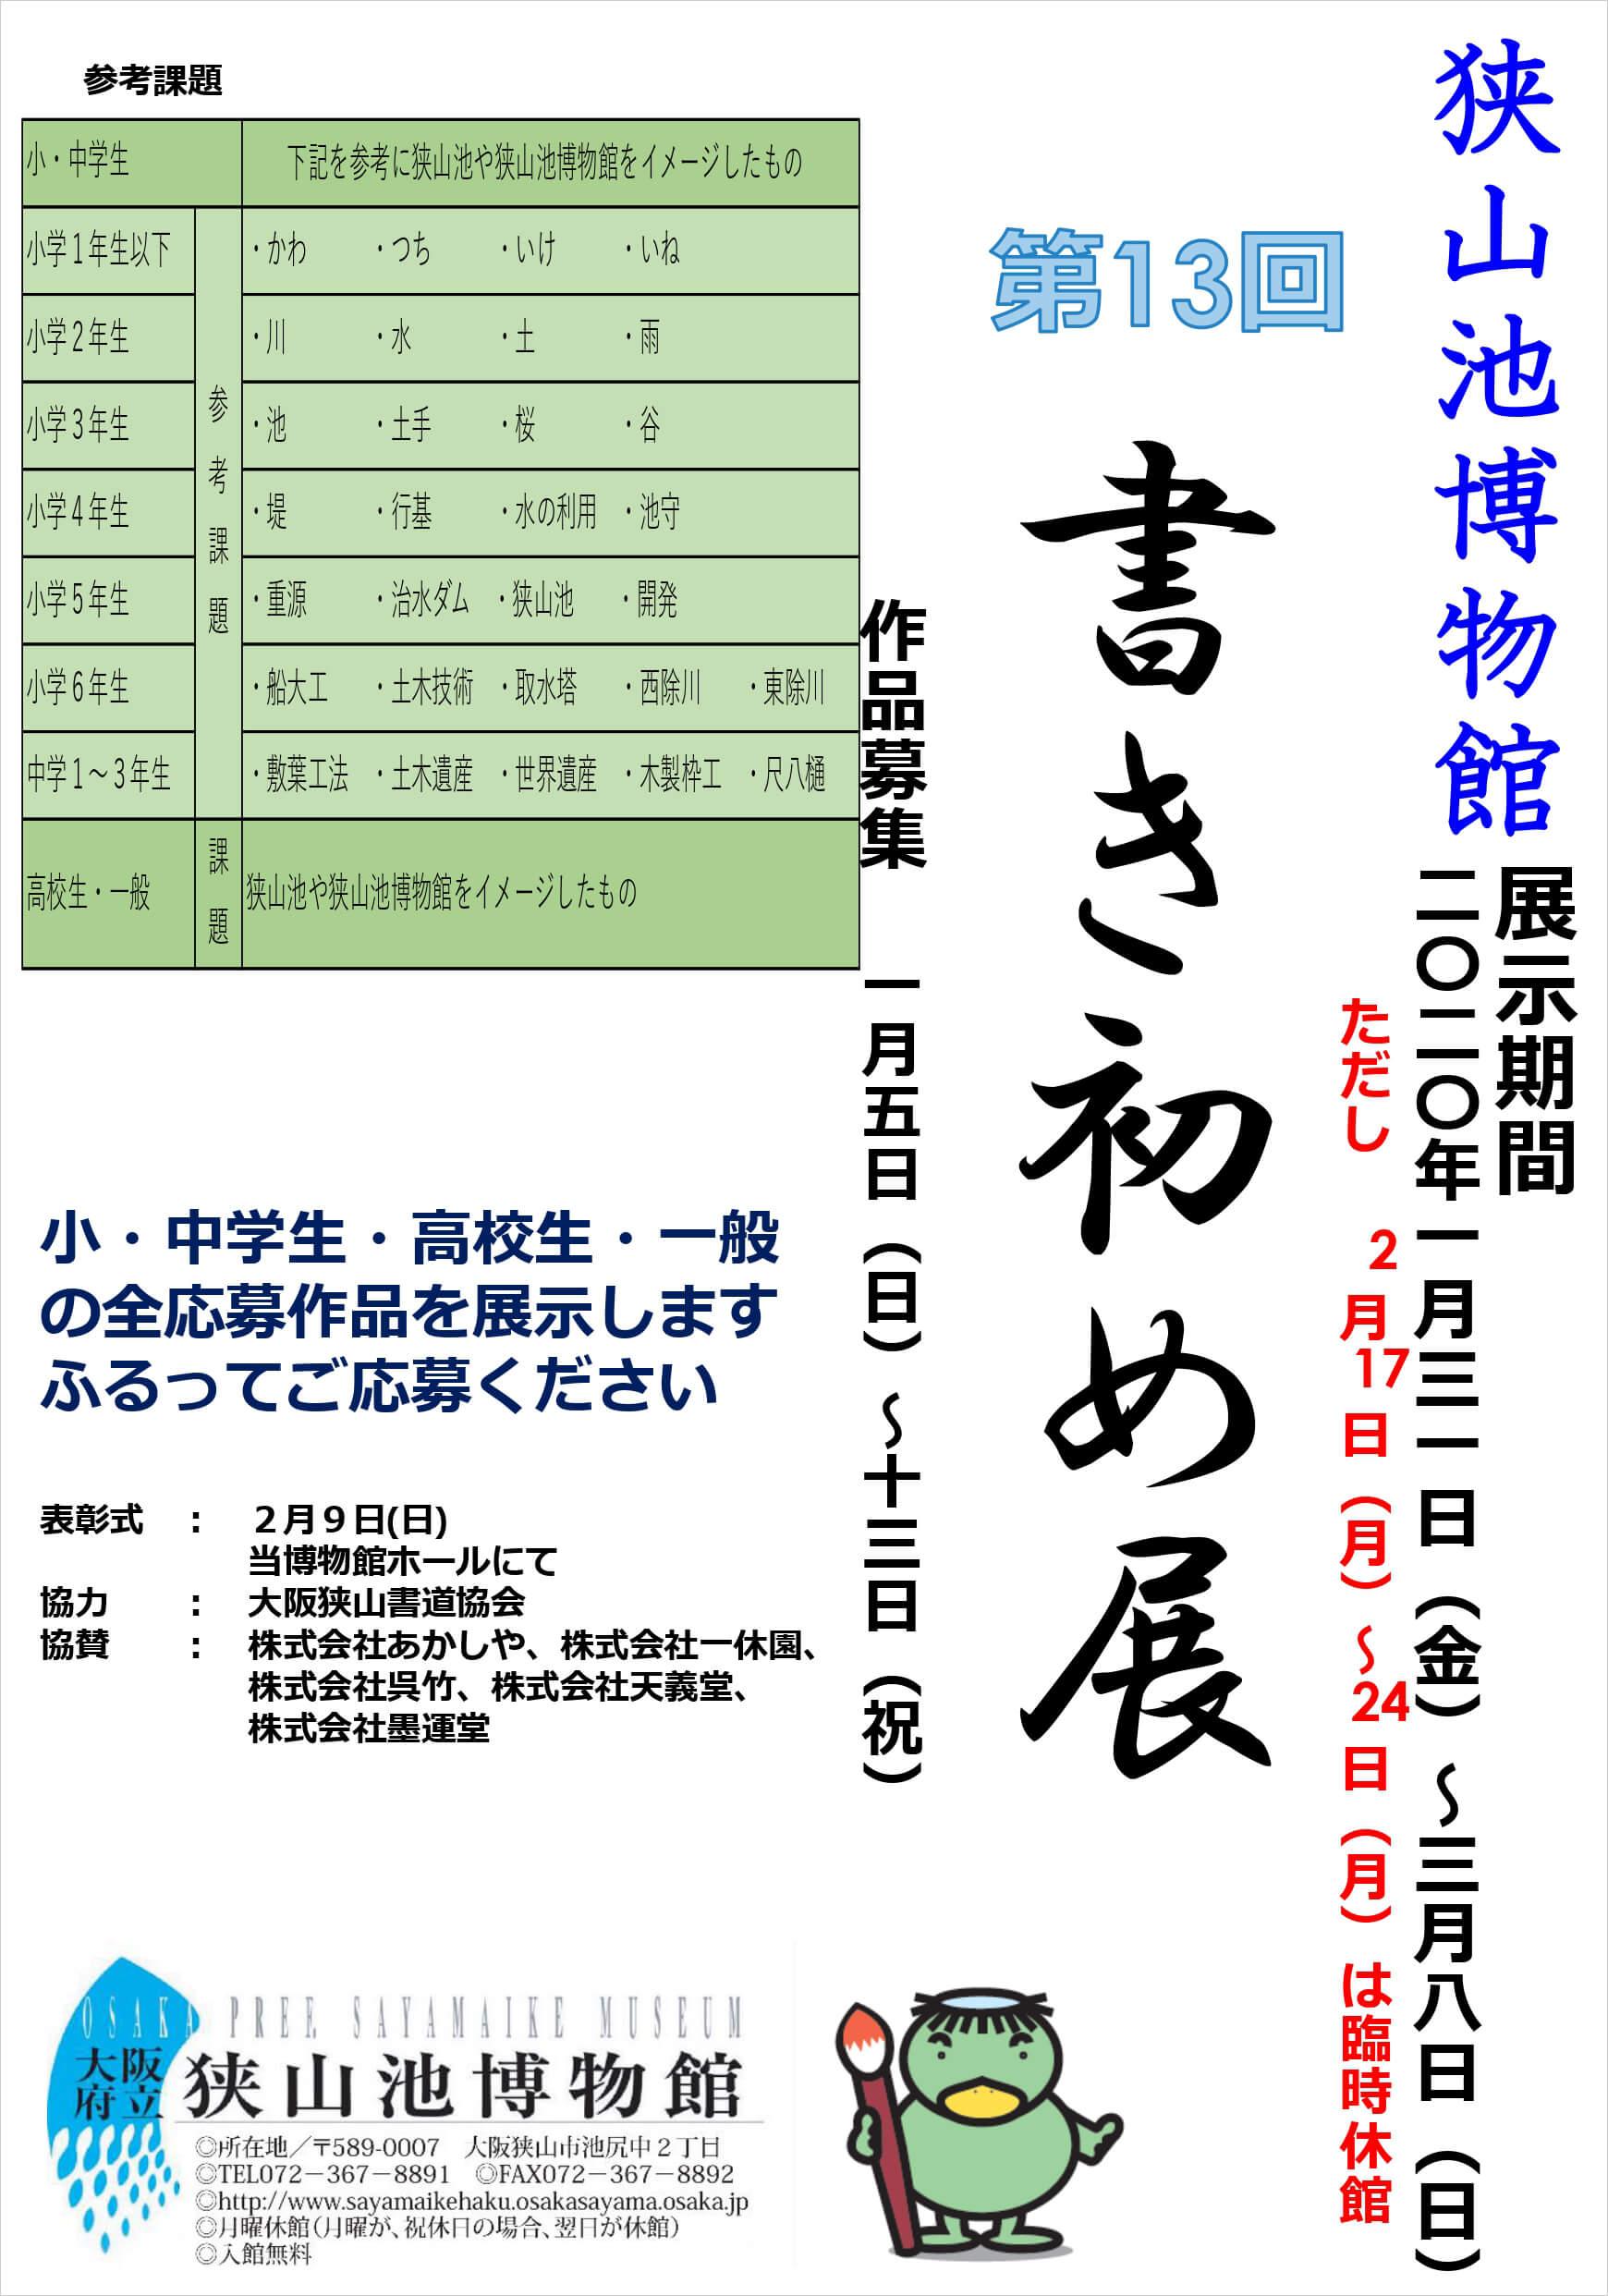 狭山池博物館にて「第13回-書き初め展」作品を募集